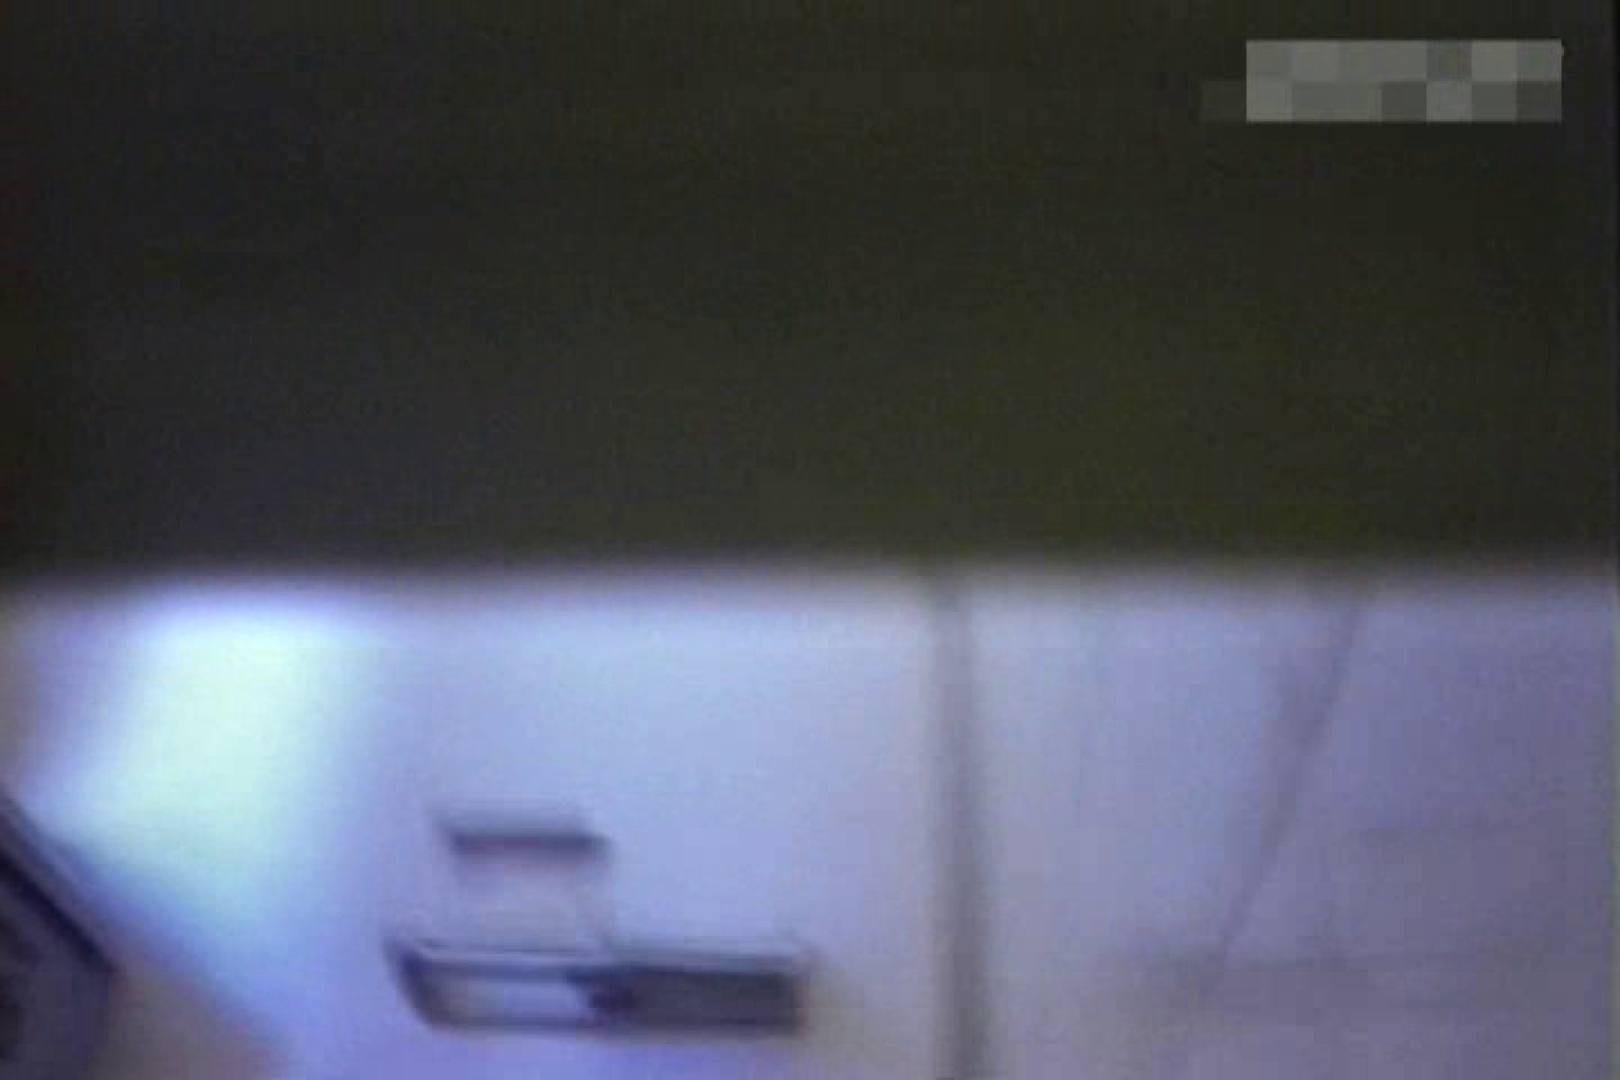 個室狂いのマニア映像Vol.2 水着  76pic 56